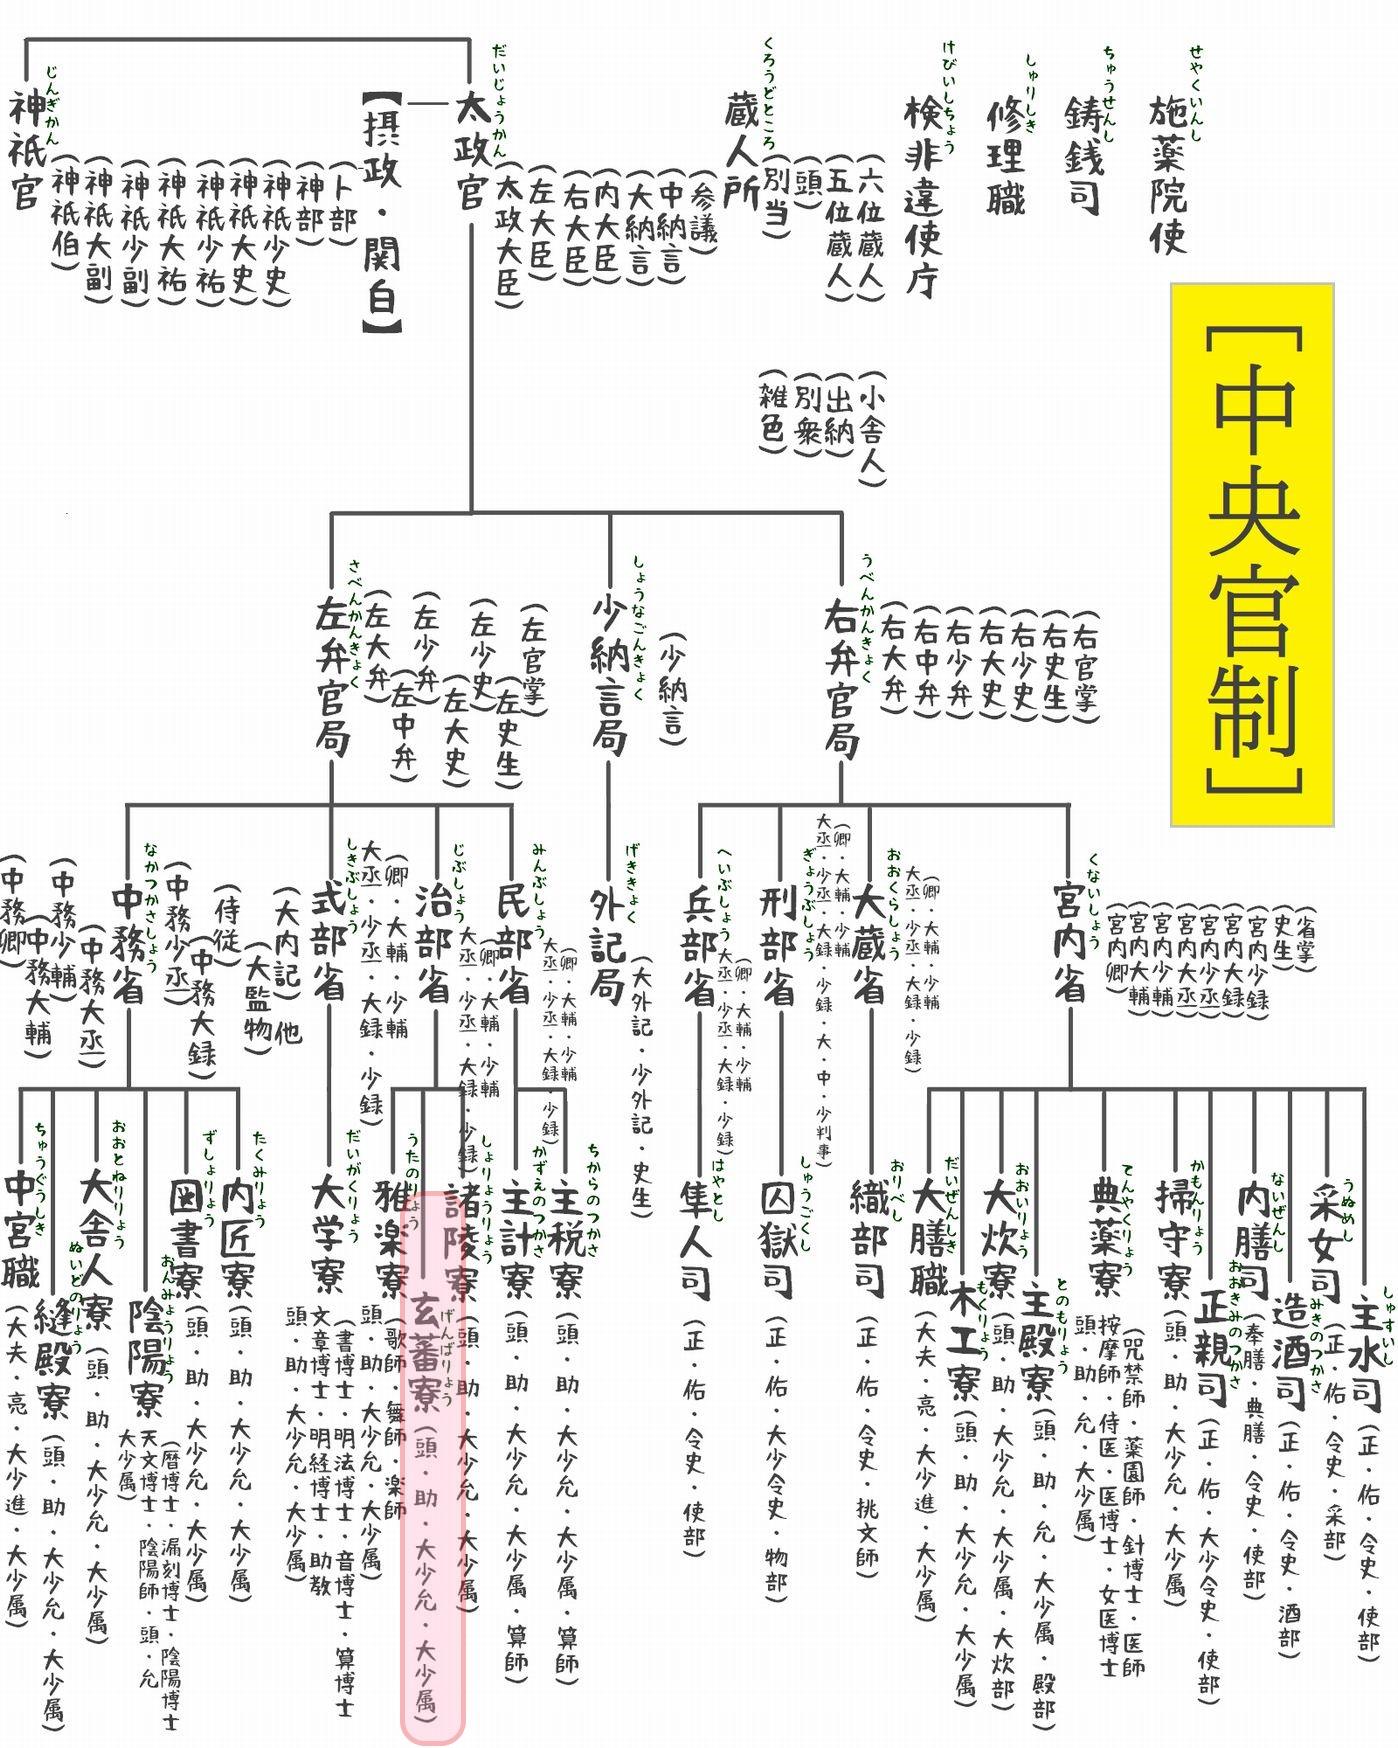 官職表(中央官制1)h